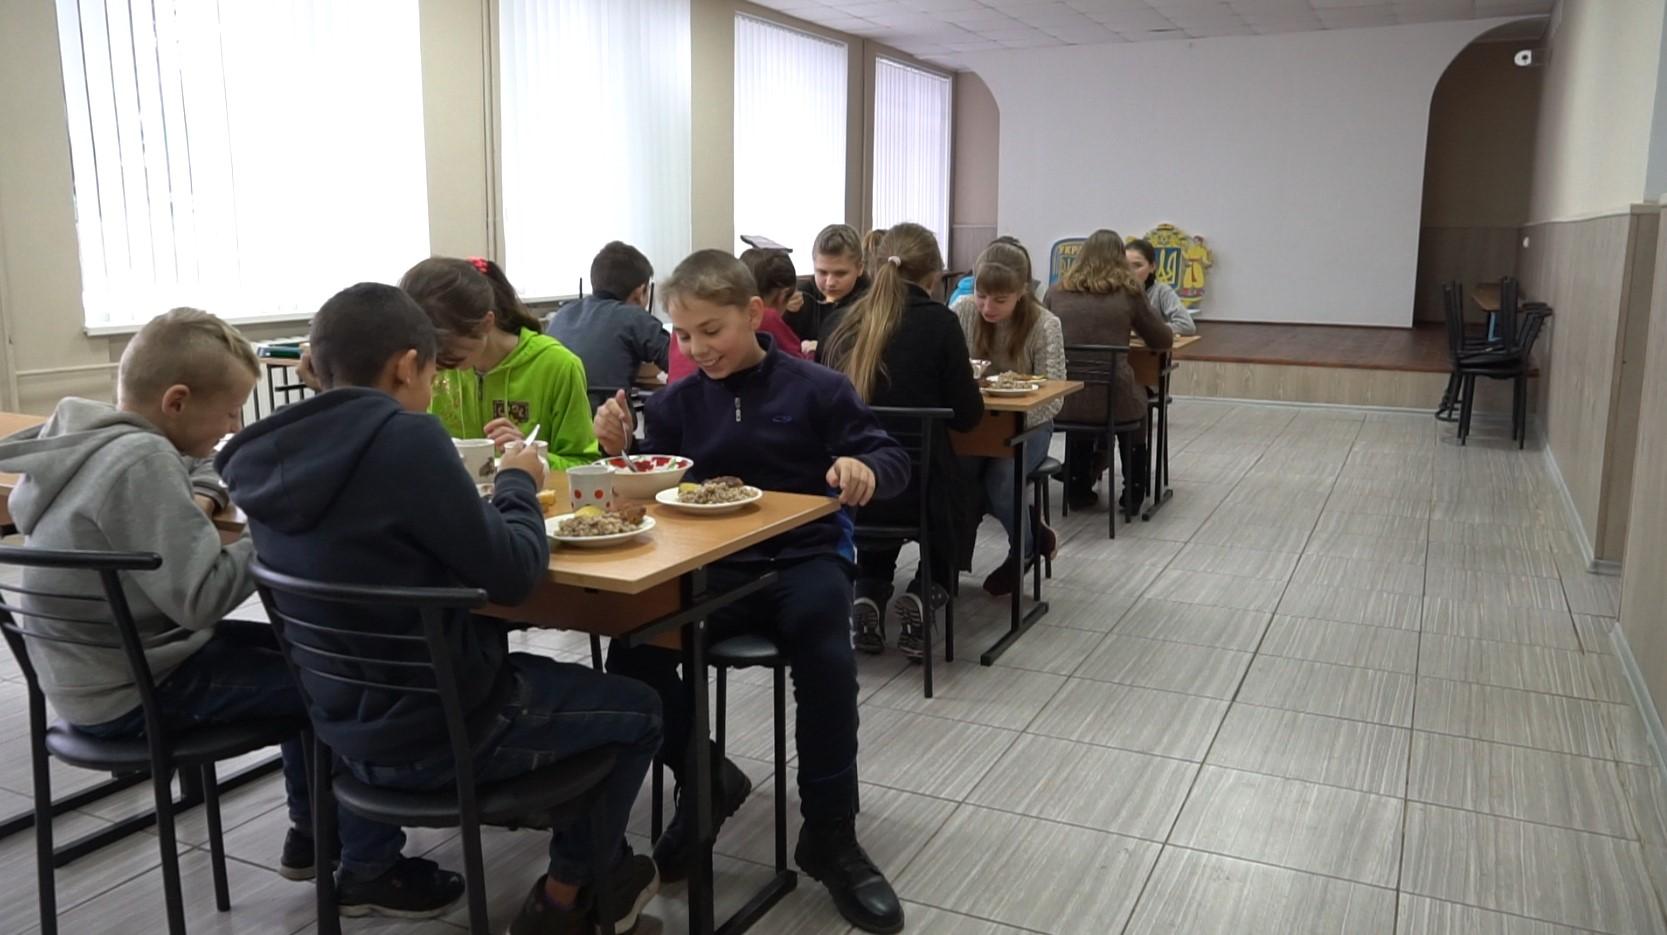 За програмою соціального партнерста «Агрофірма «ім. Довженка» допомогла капітально відремонтувати шкільну їдальню